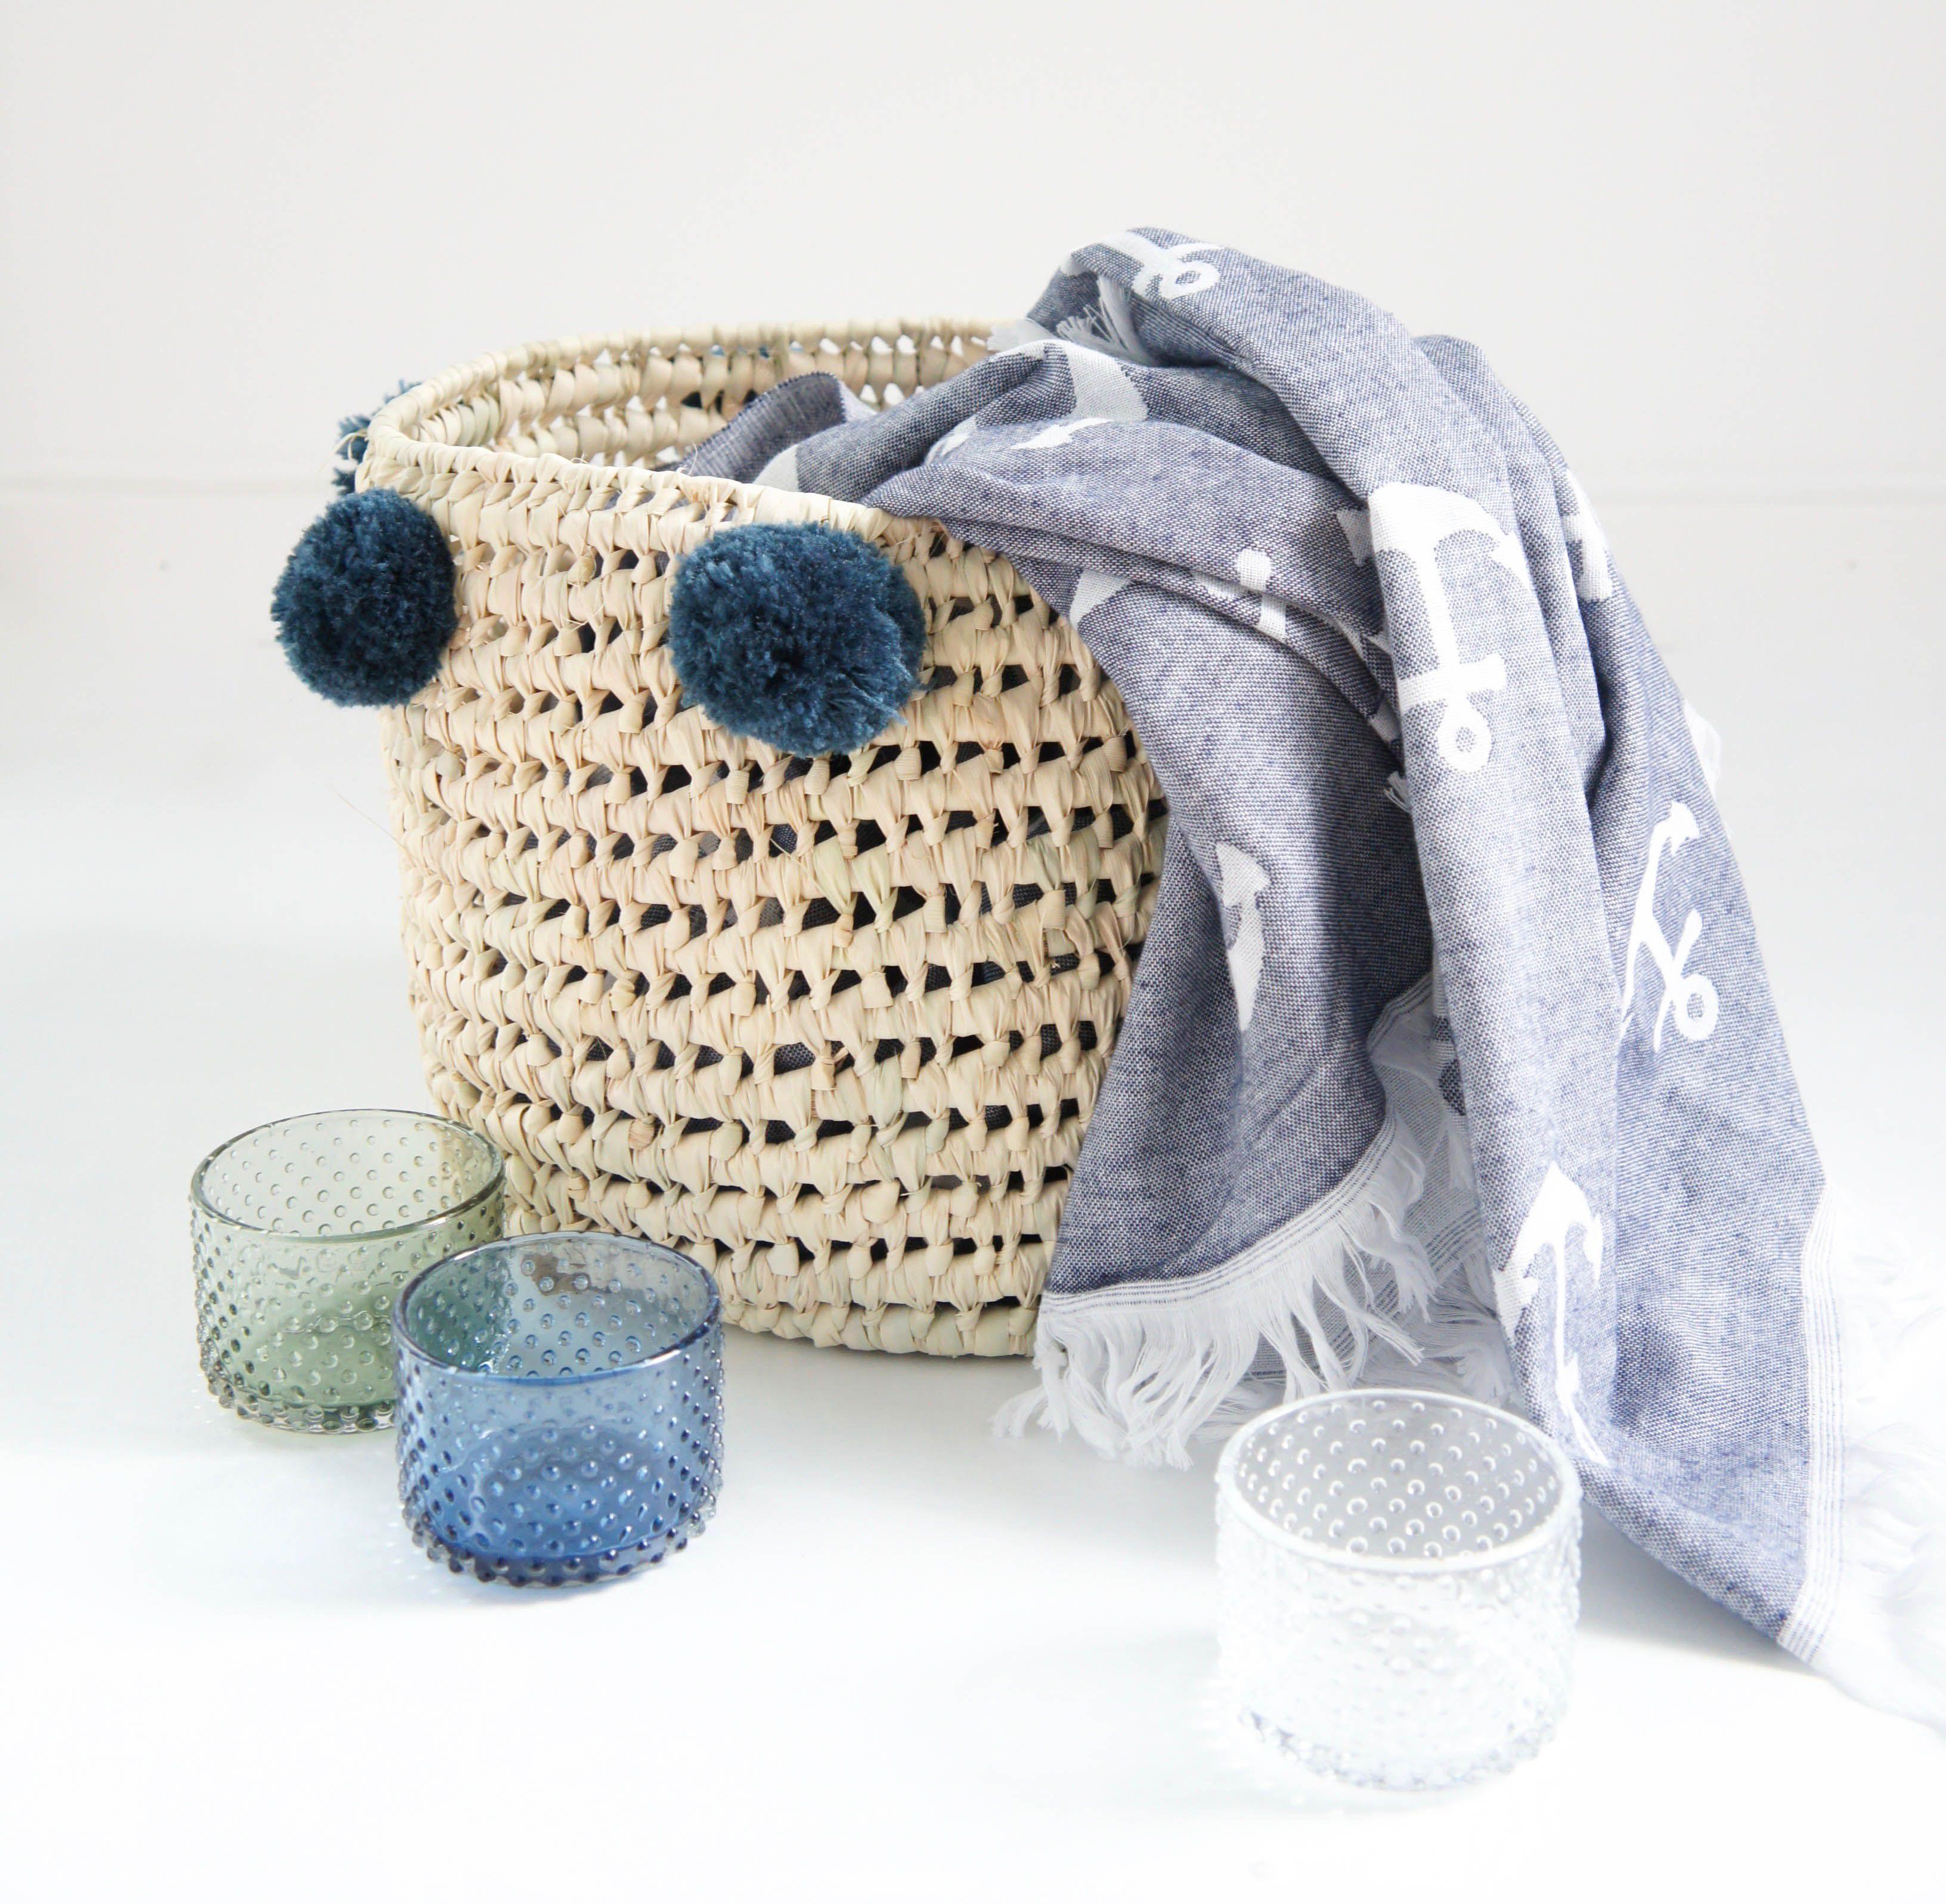 Bastkorb Klein Pompom Graublau Blaue Handtucher Spielzeugkorb Korb